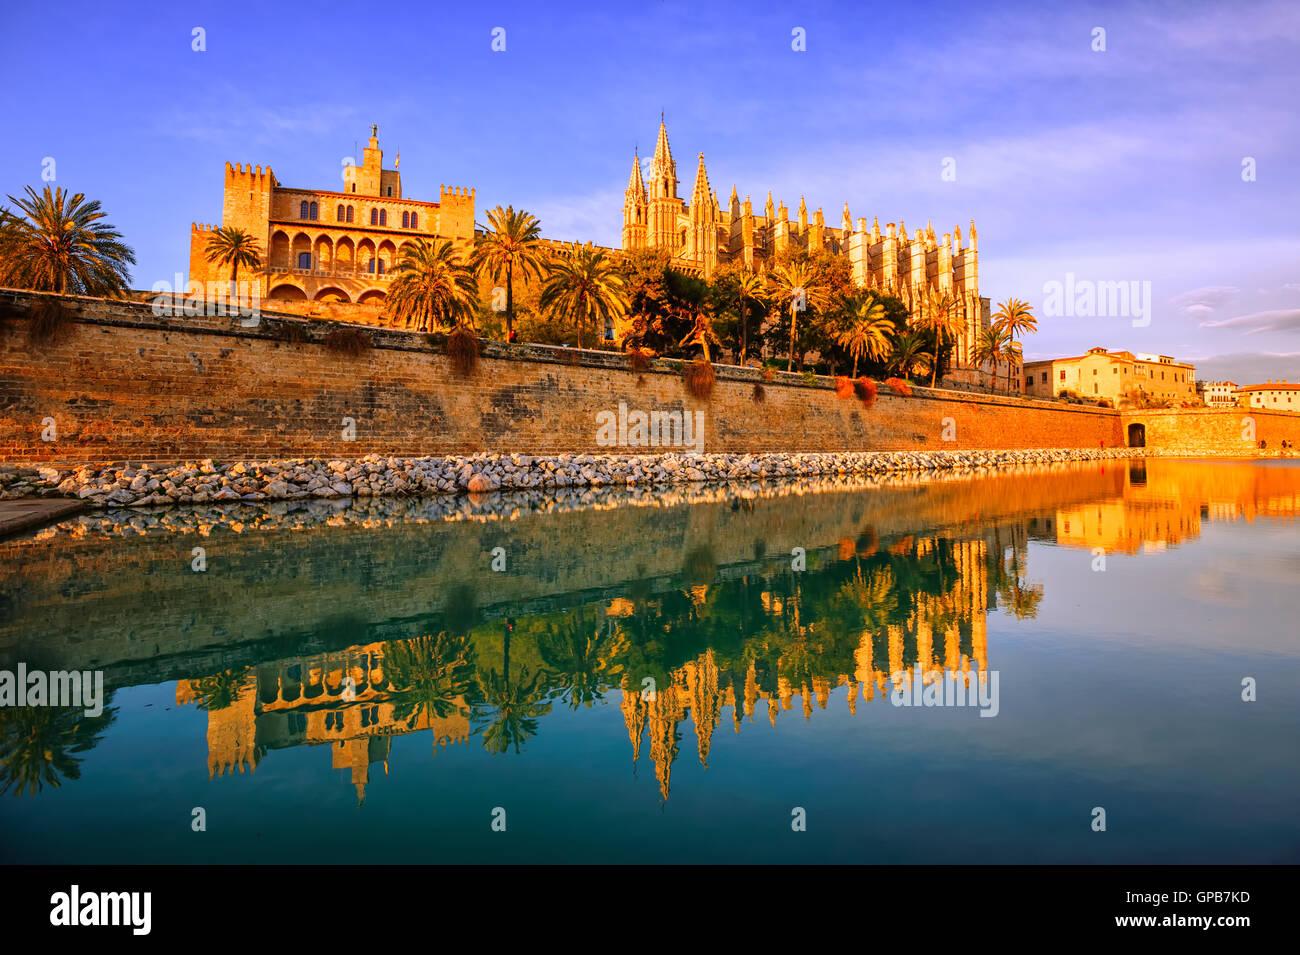 Gotische Kathedrale La Seu in Palma De Mallorca, Spanien, reflektiert im Seewasser im Abendlicht Stockbild